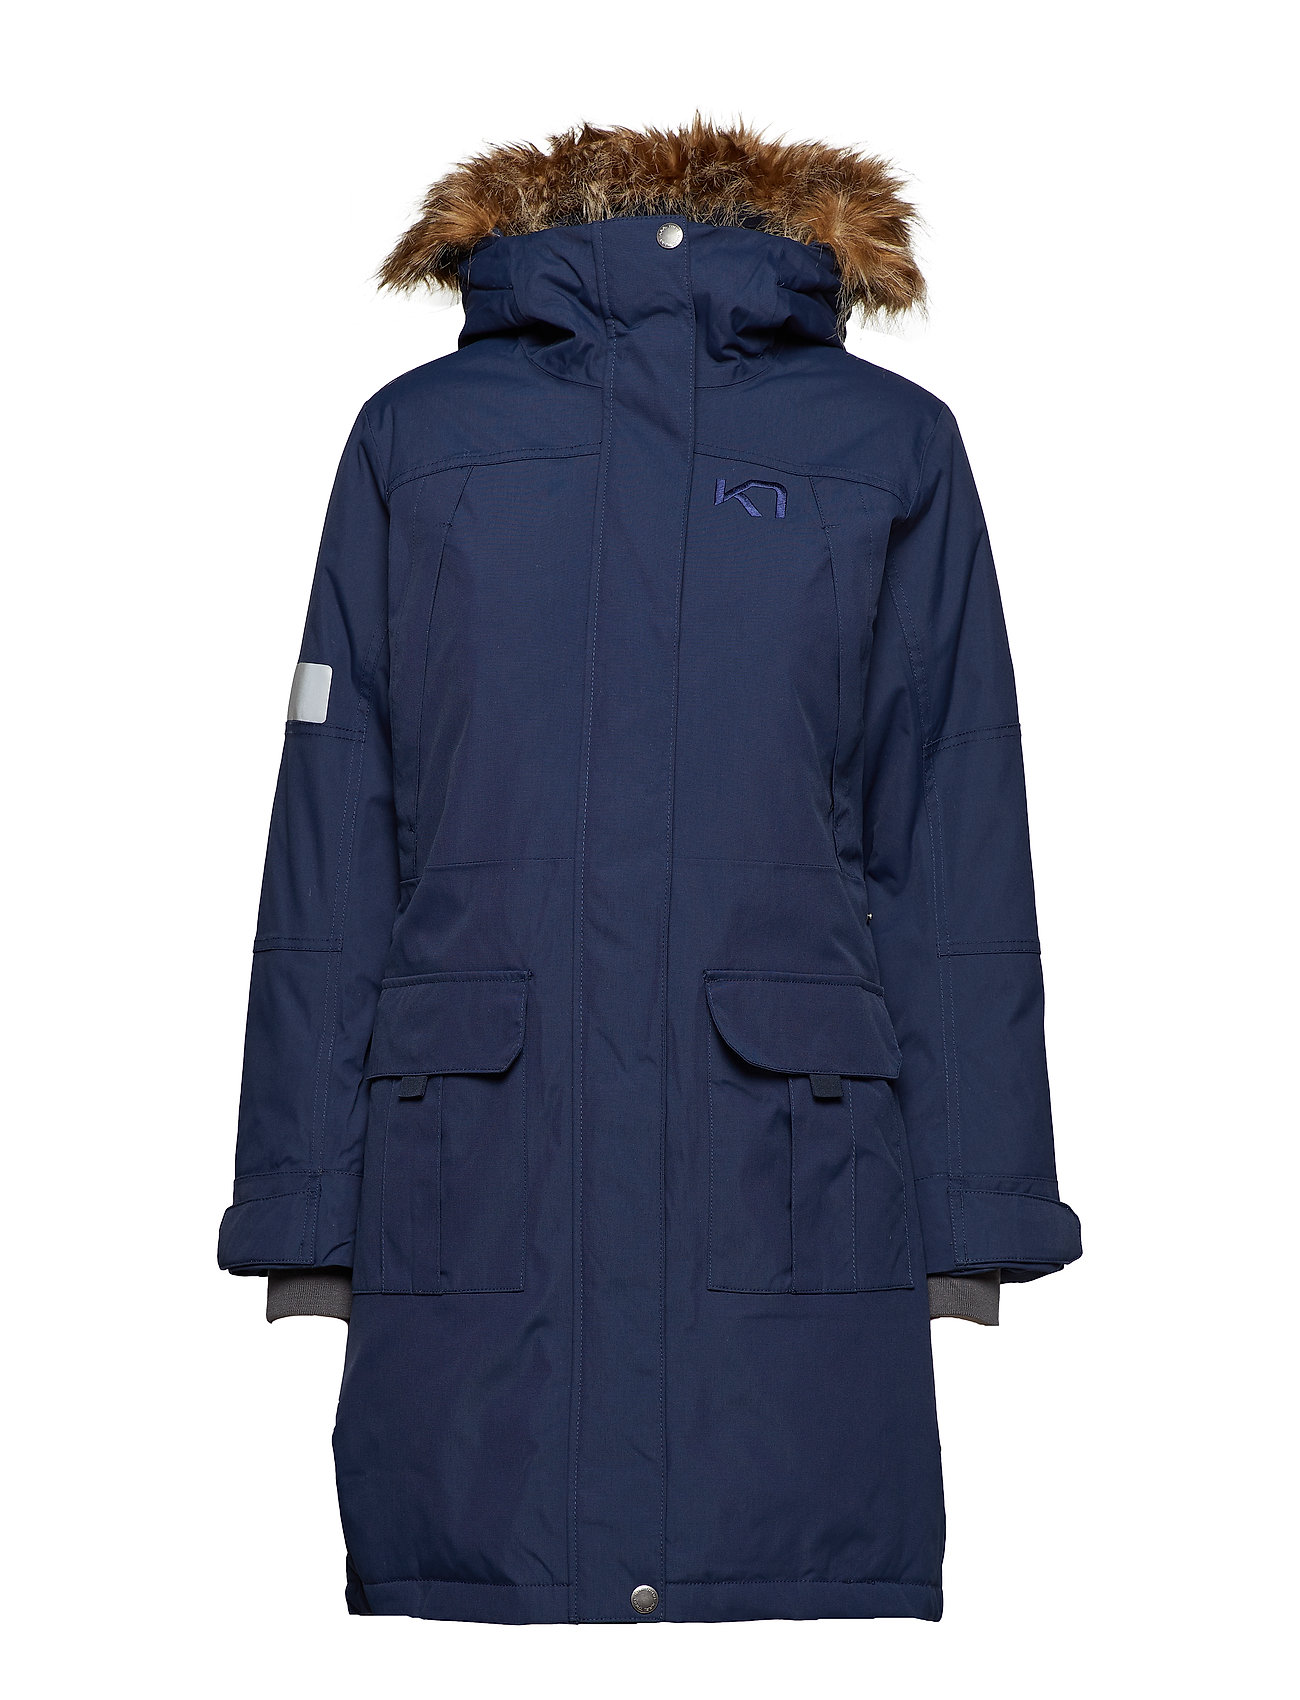 Klassisk dame frakke i navy blå farve Køb online hos